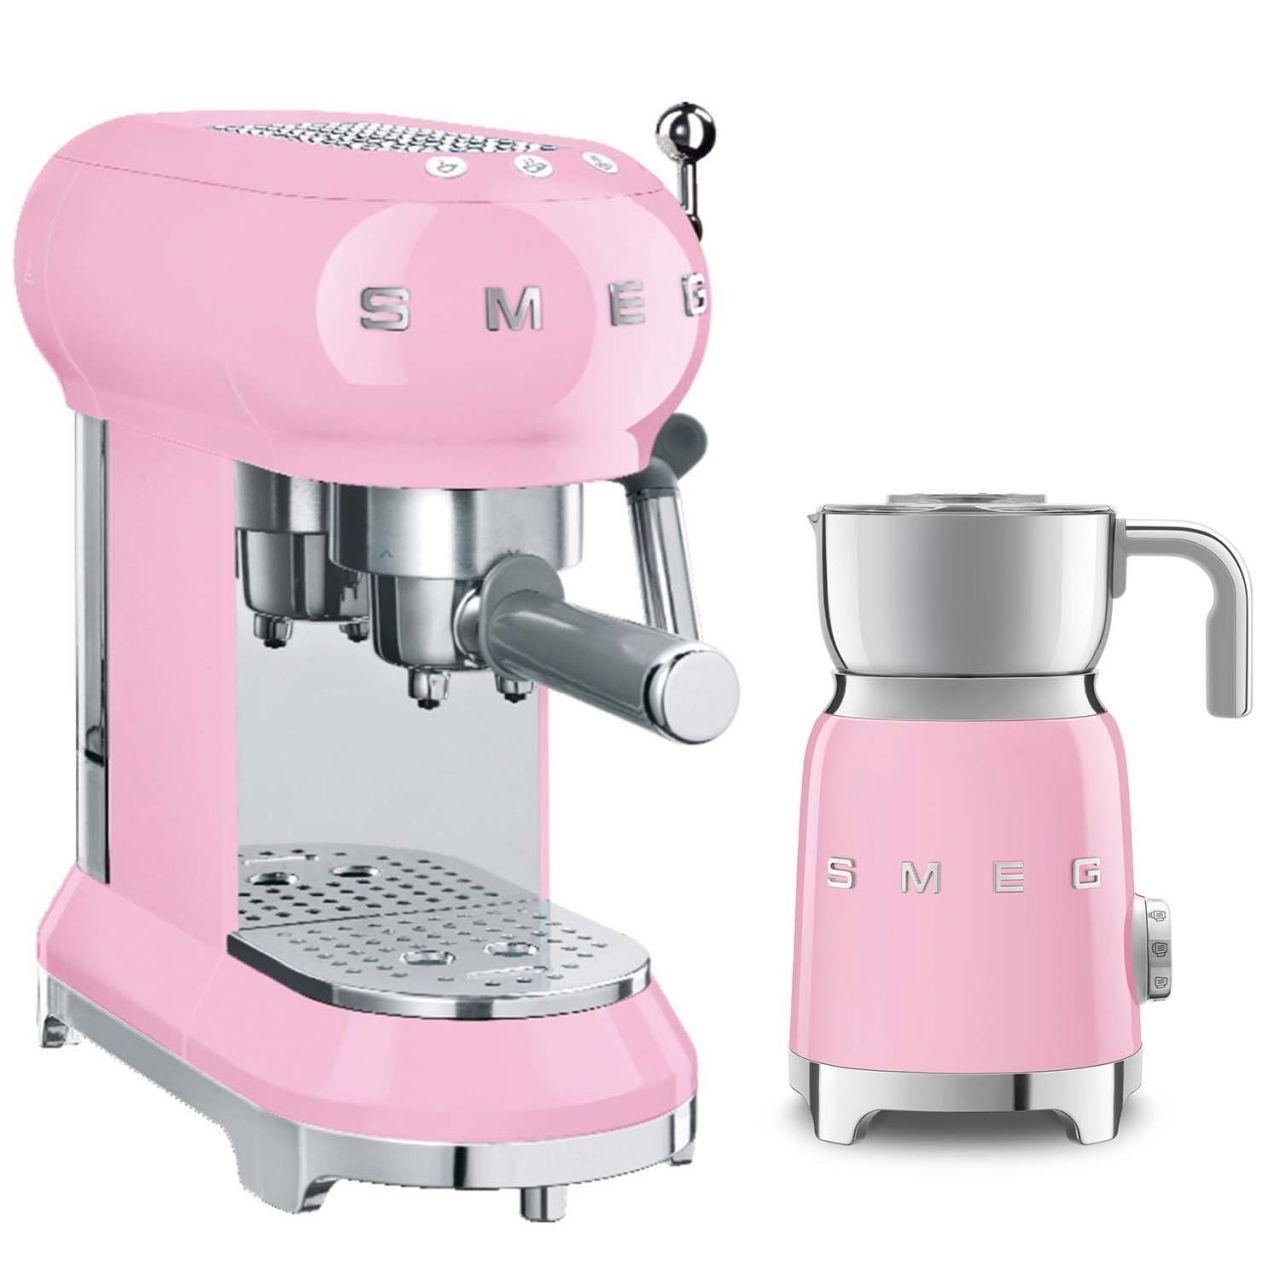 SMEG - Espressomaschine mit Milchaufschäumer Set MFF01PKEU-ESPRESS-SET